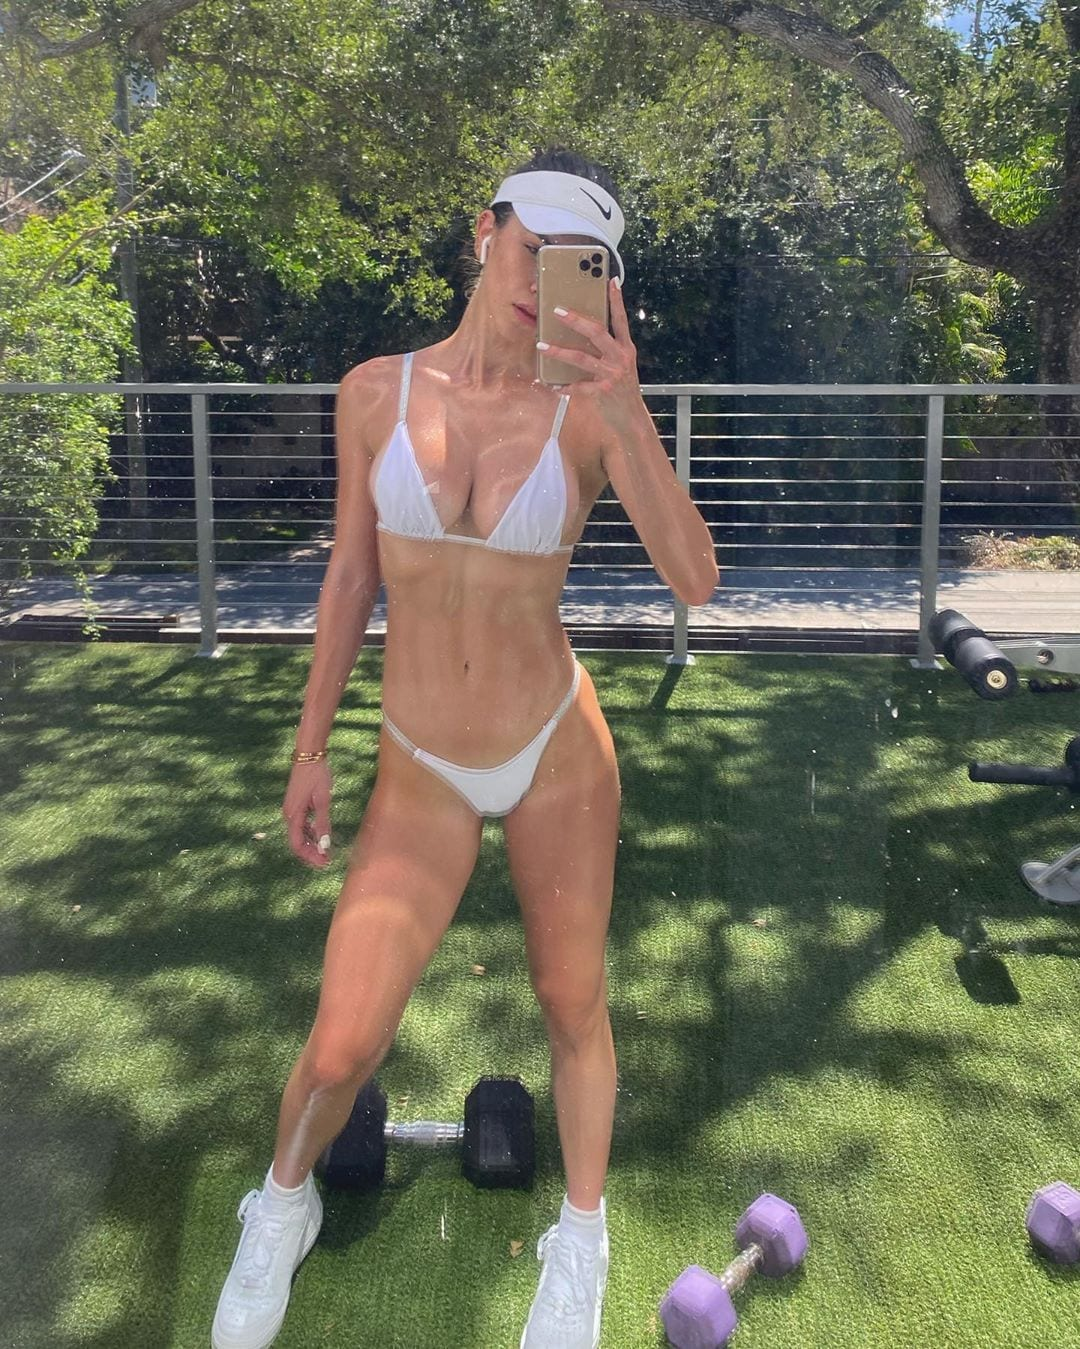 アンジェラ・サグラ「マッスルボディに驚き!」美しい腹筋、尻、太もも…【写真5枚】の画像003